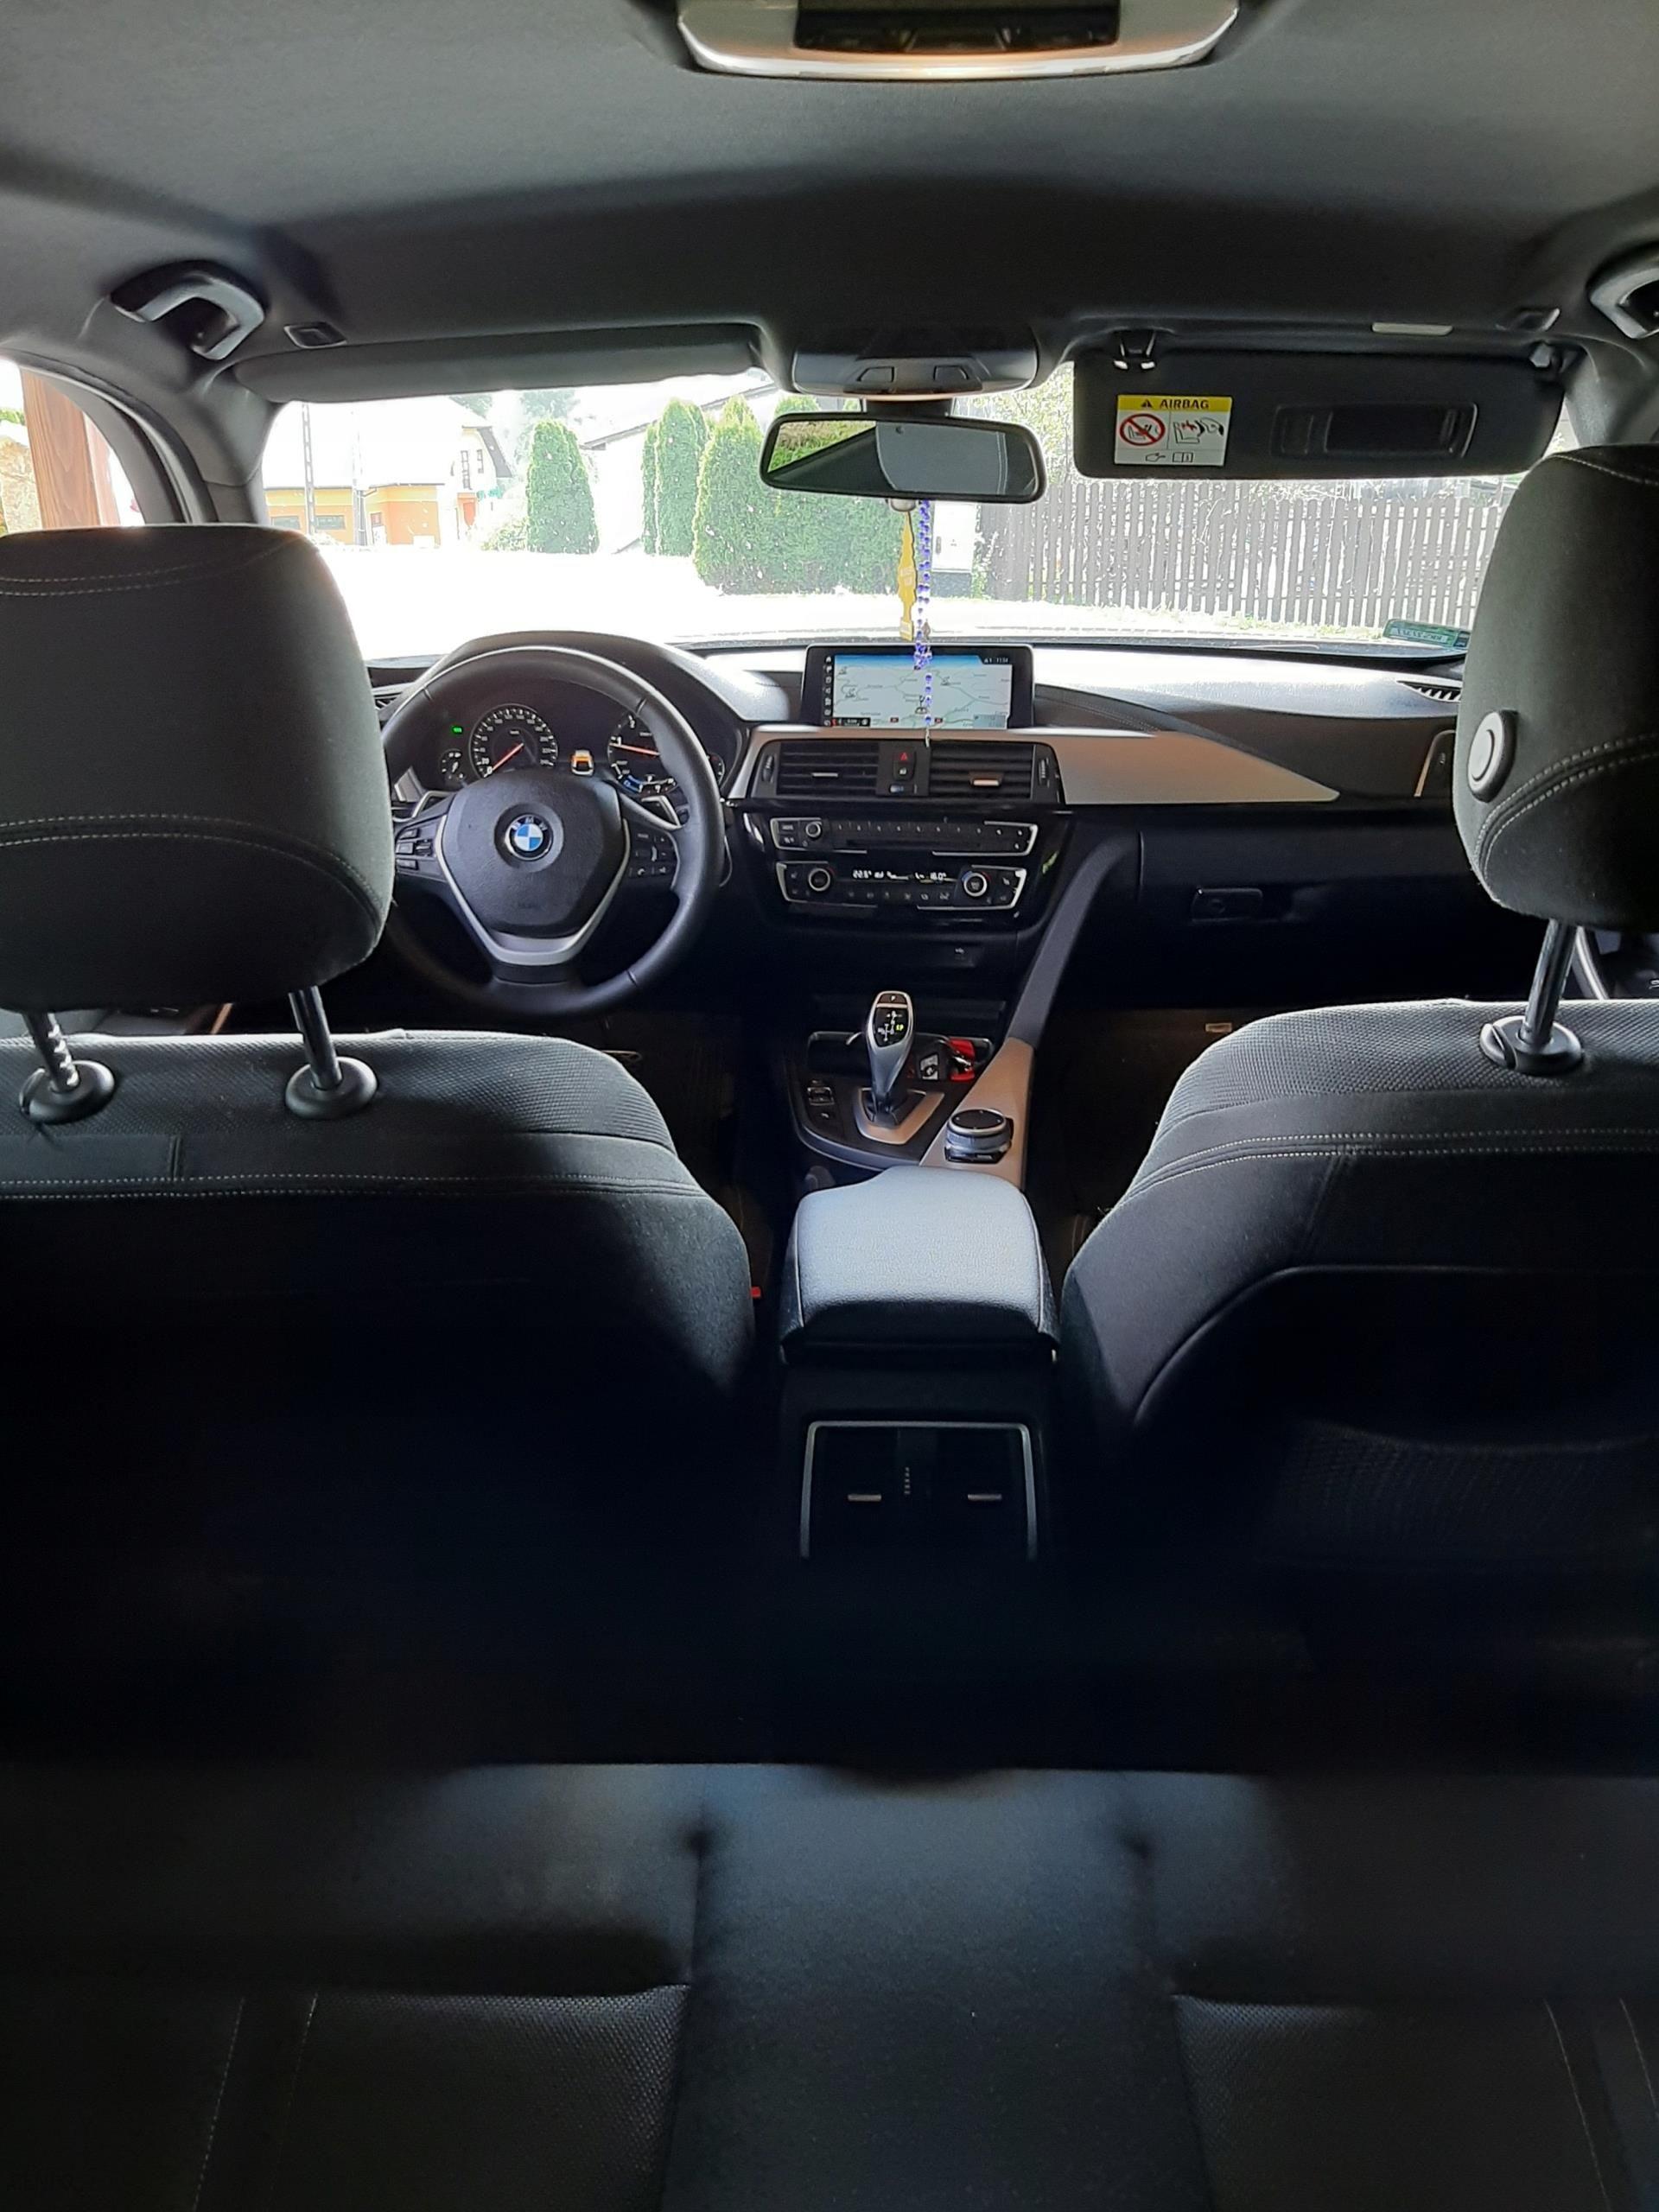 Bmw 320 X Driver M Pakiet 2019 Rok C Brutto Opinie I Ceny Na Ceneo Pl